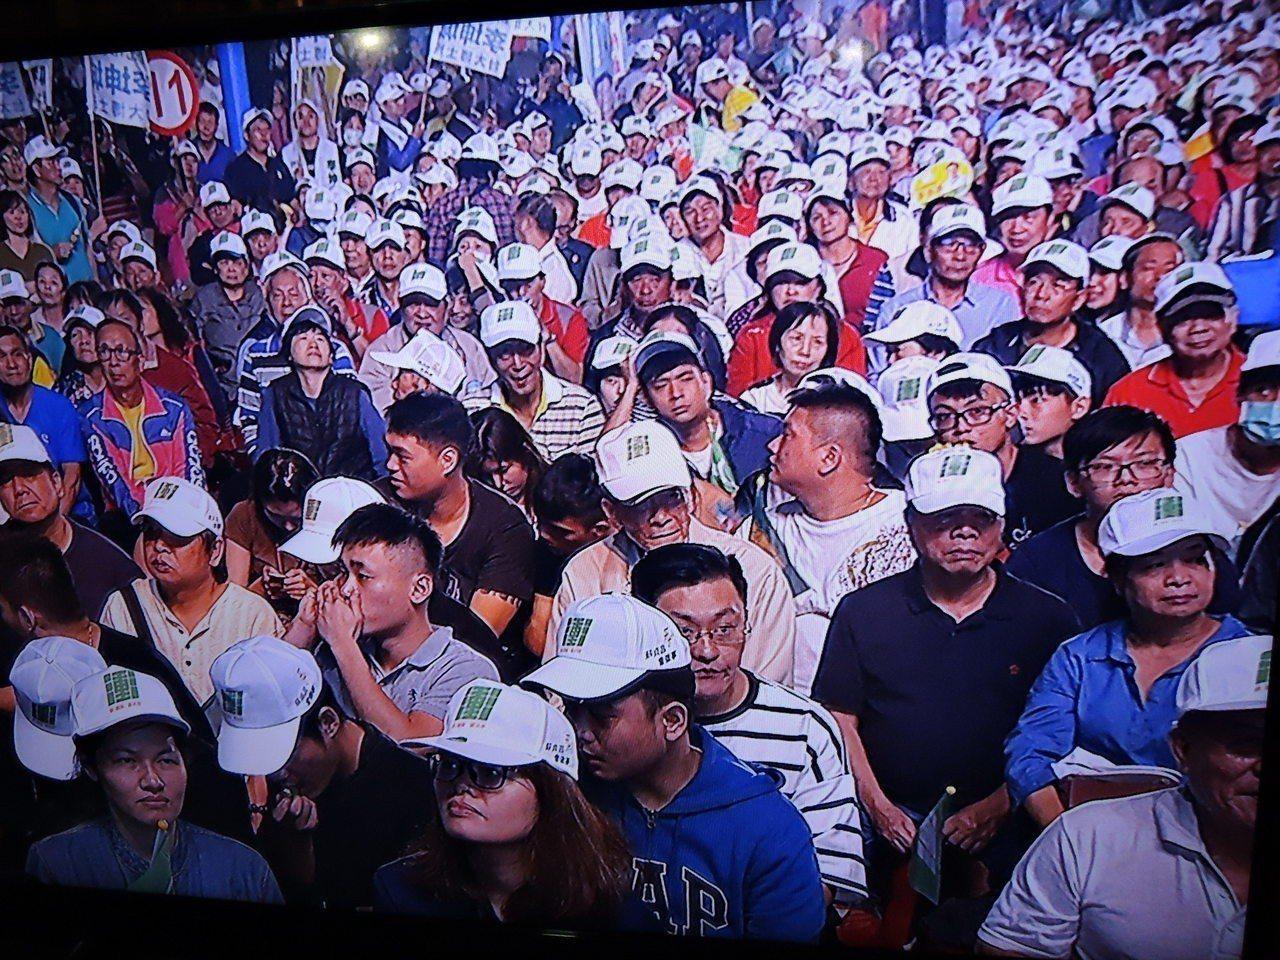 民進黨新北市長候選人蘇貞昌今晚在蘆洲三民高中舉辦造勢晚會,蘇辦估計現場湧入約五千...